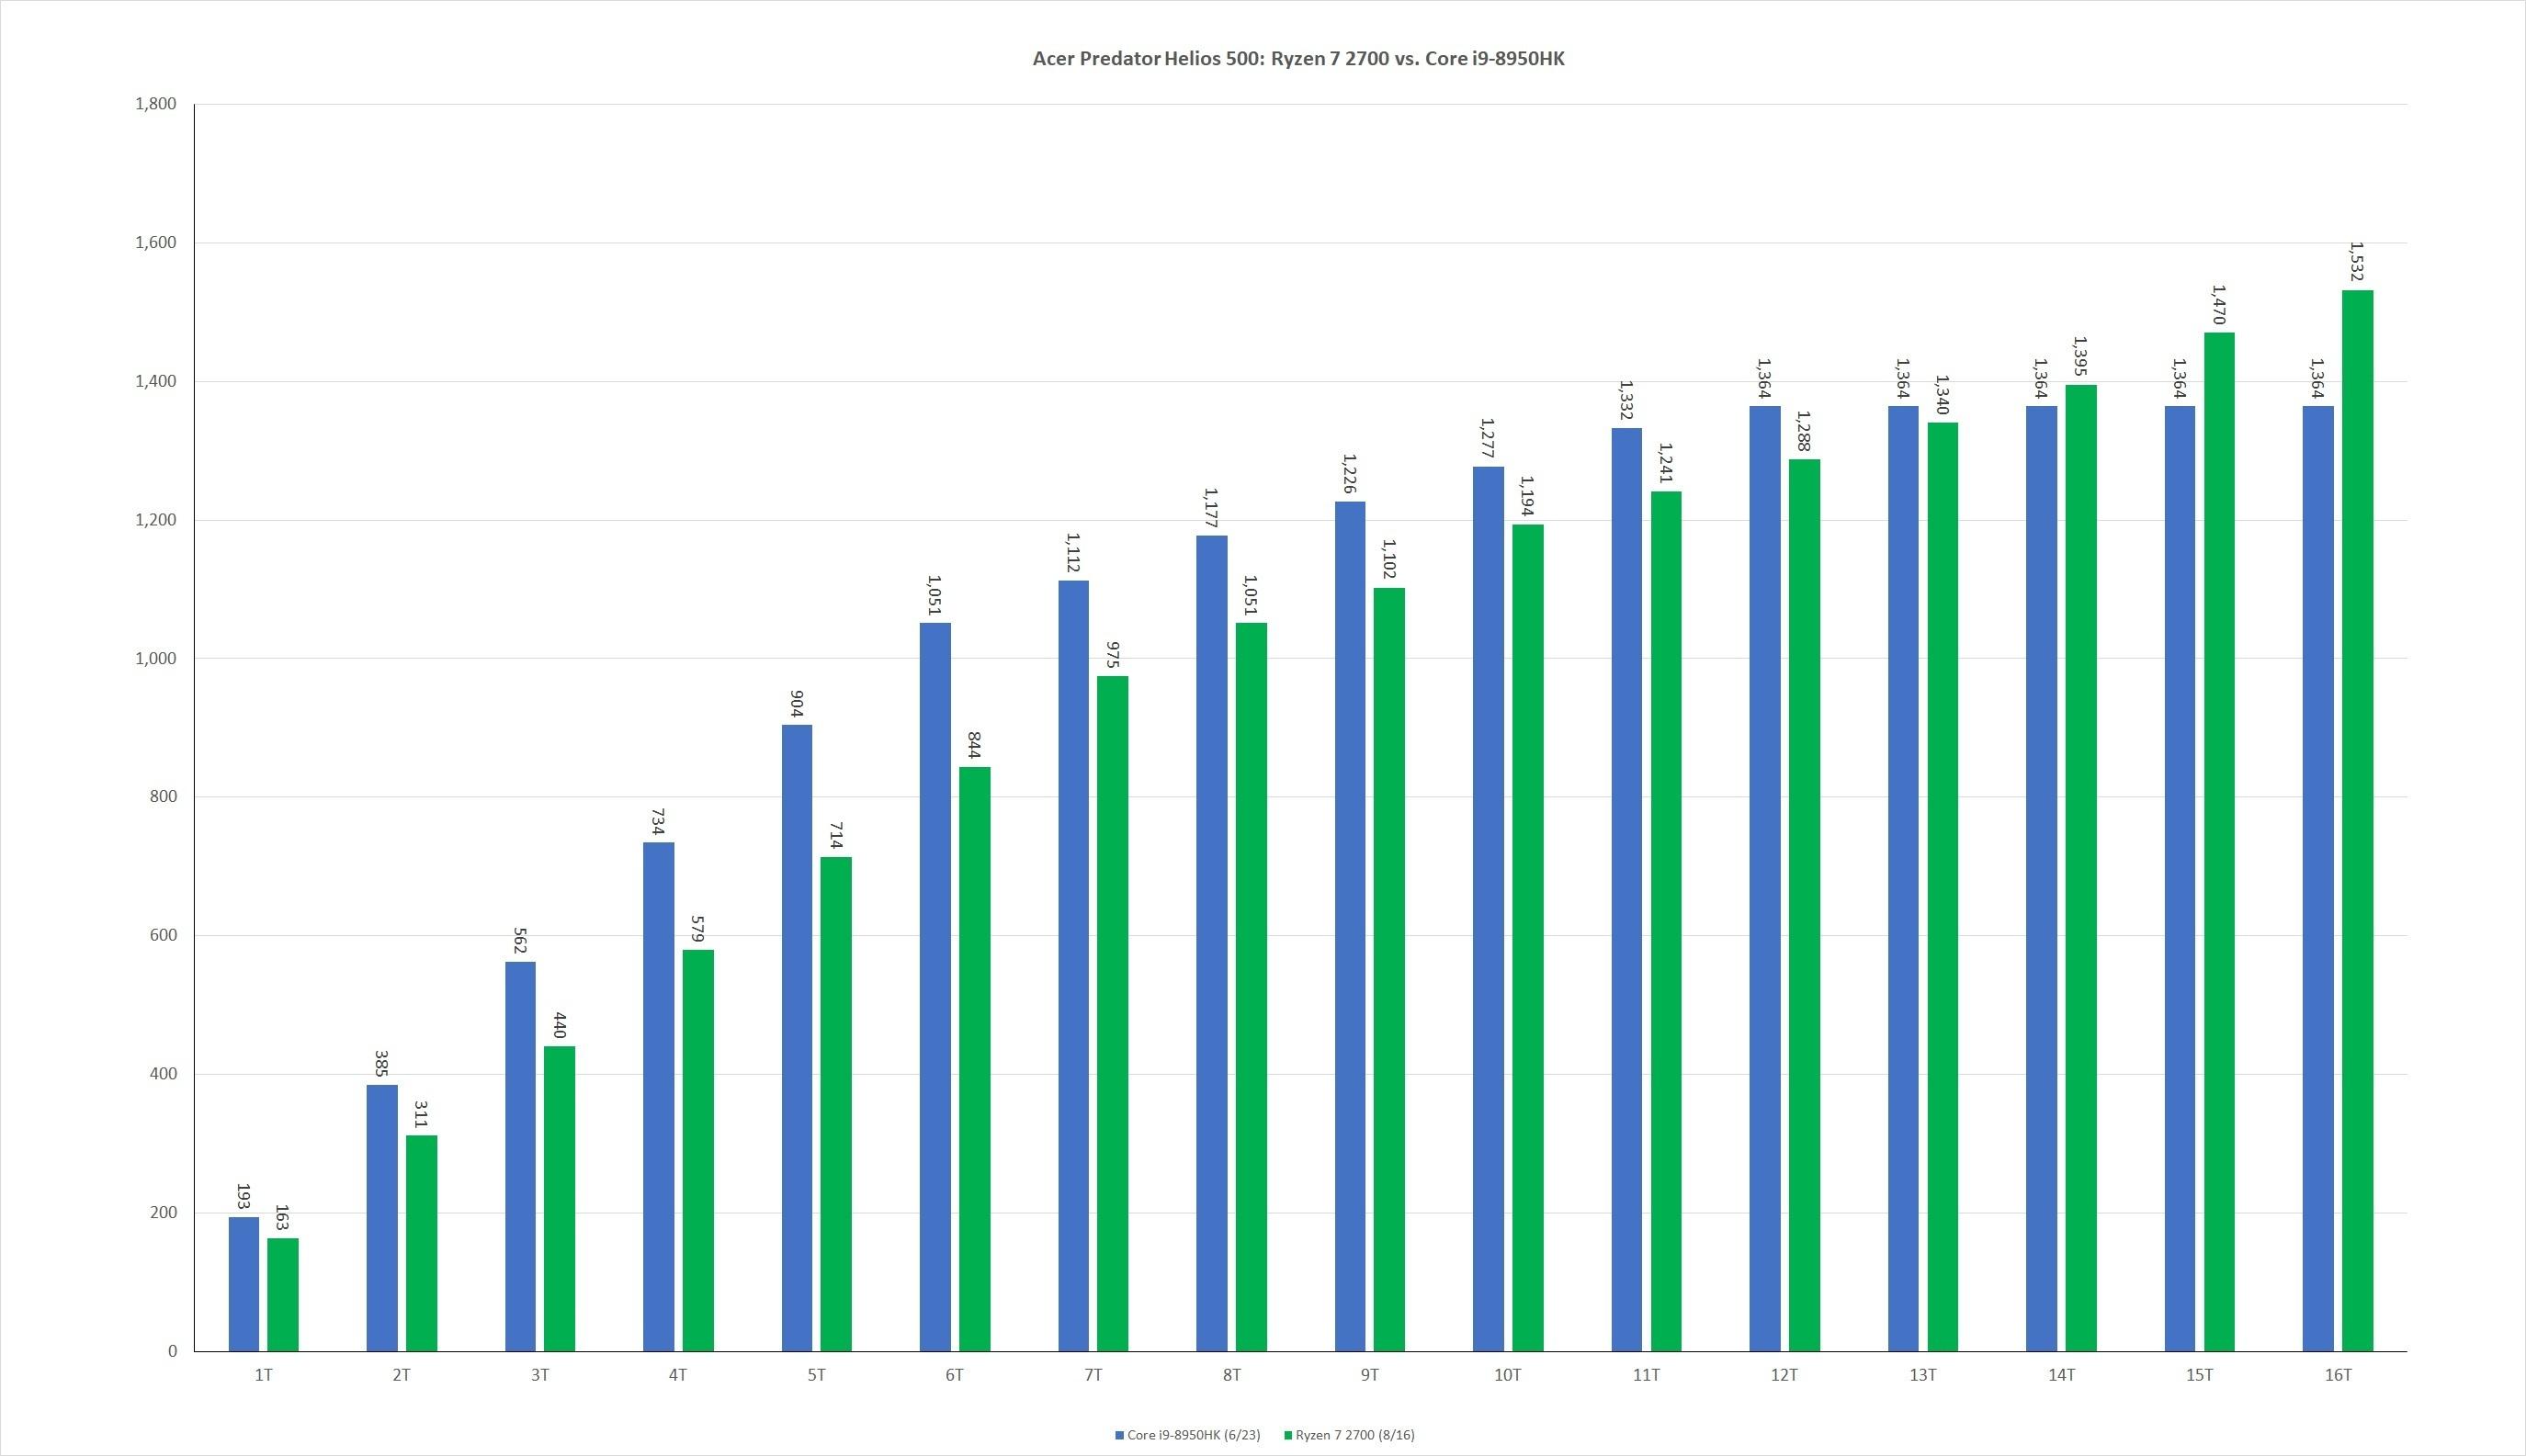 시네벤치 R15를 단일 쓰레드부터 16쓰레드까지 실행한 결과이다.